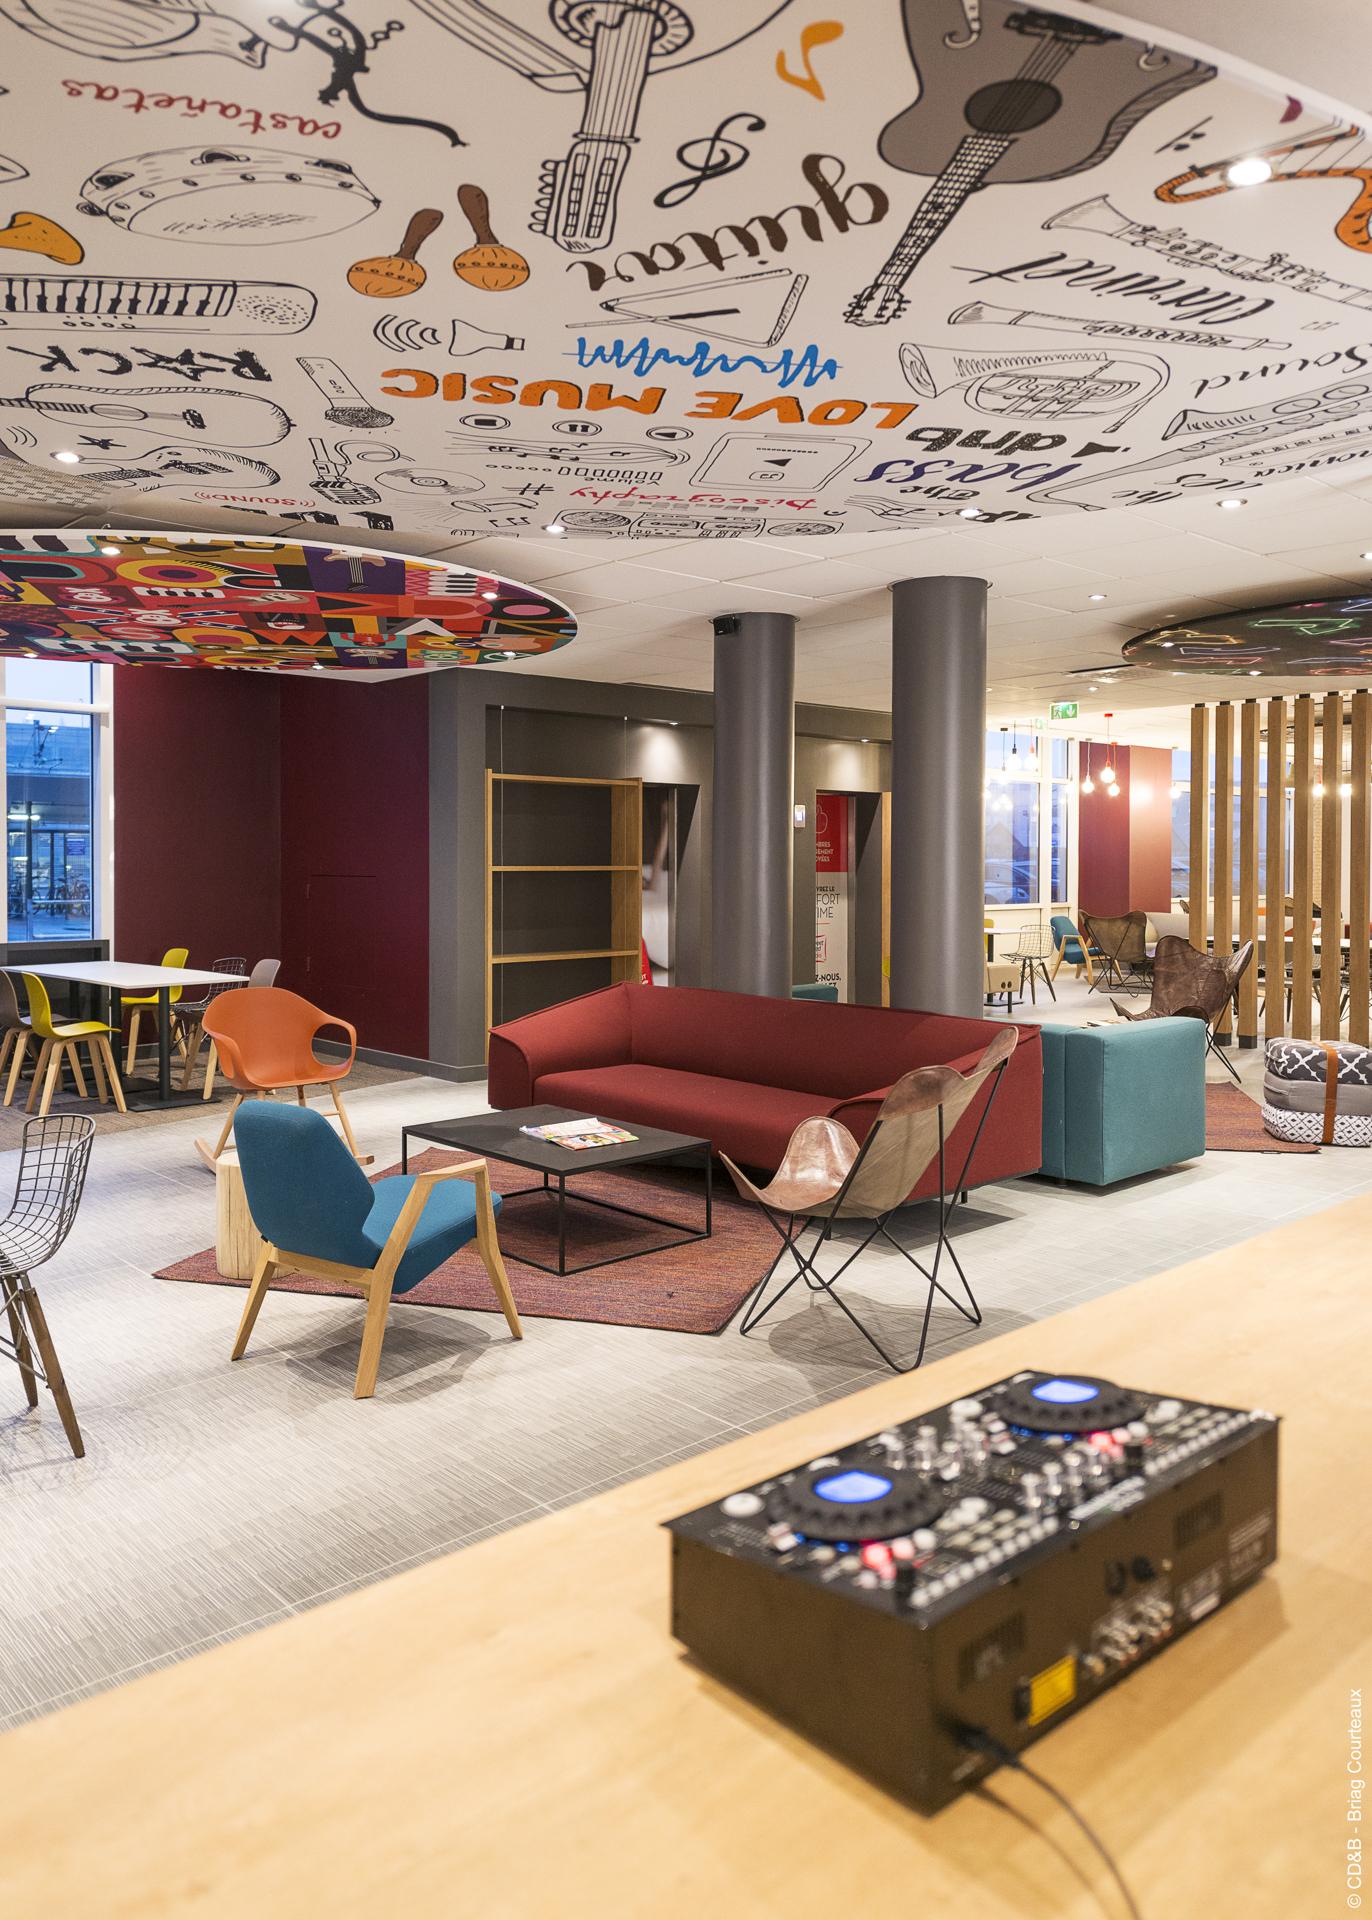 Conseil, aménagement, conception et réalisation des espaces de l'hôtel IBIS de Reims Gare par CDB, Meet you there.